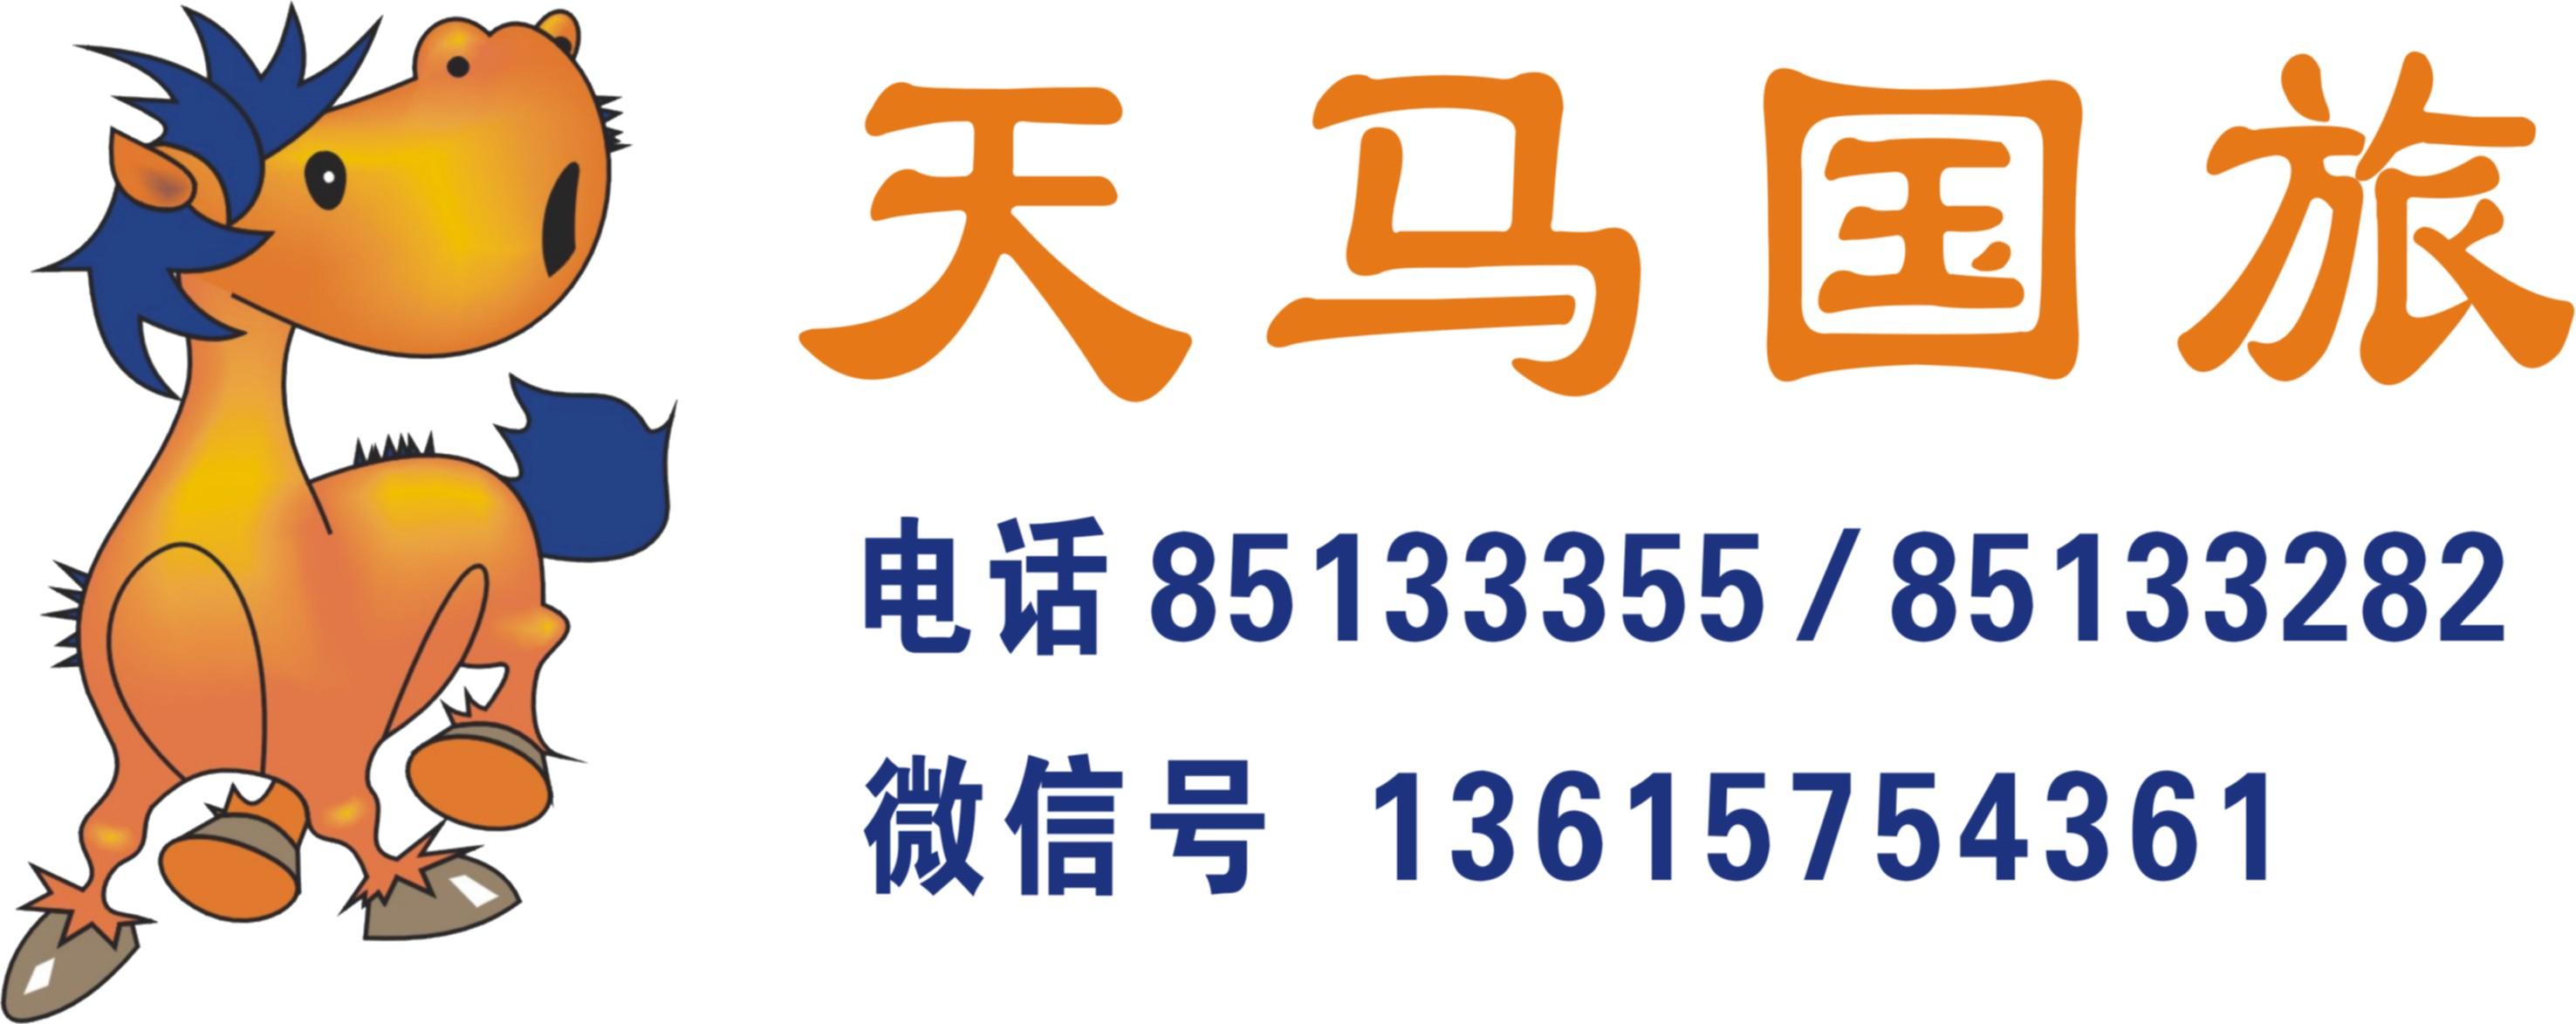 春节【黄山、黄村、花山谜窟、屯溪老街三日】商务酒店 2早2正